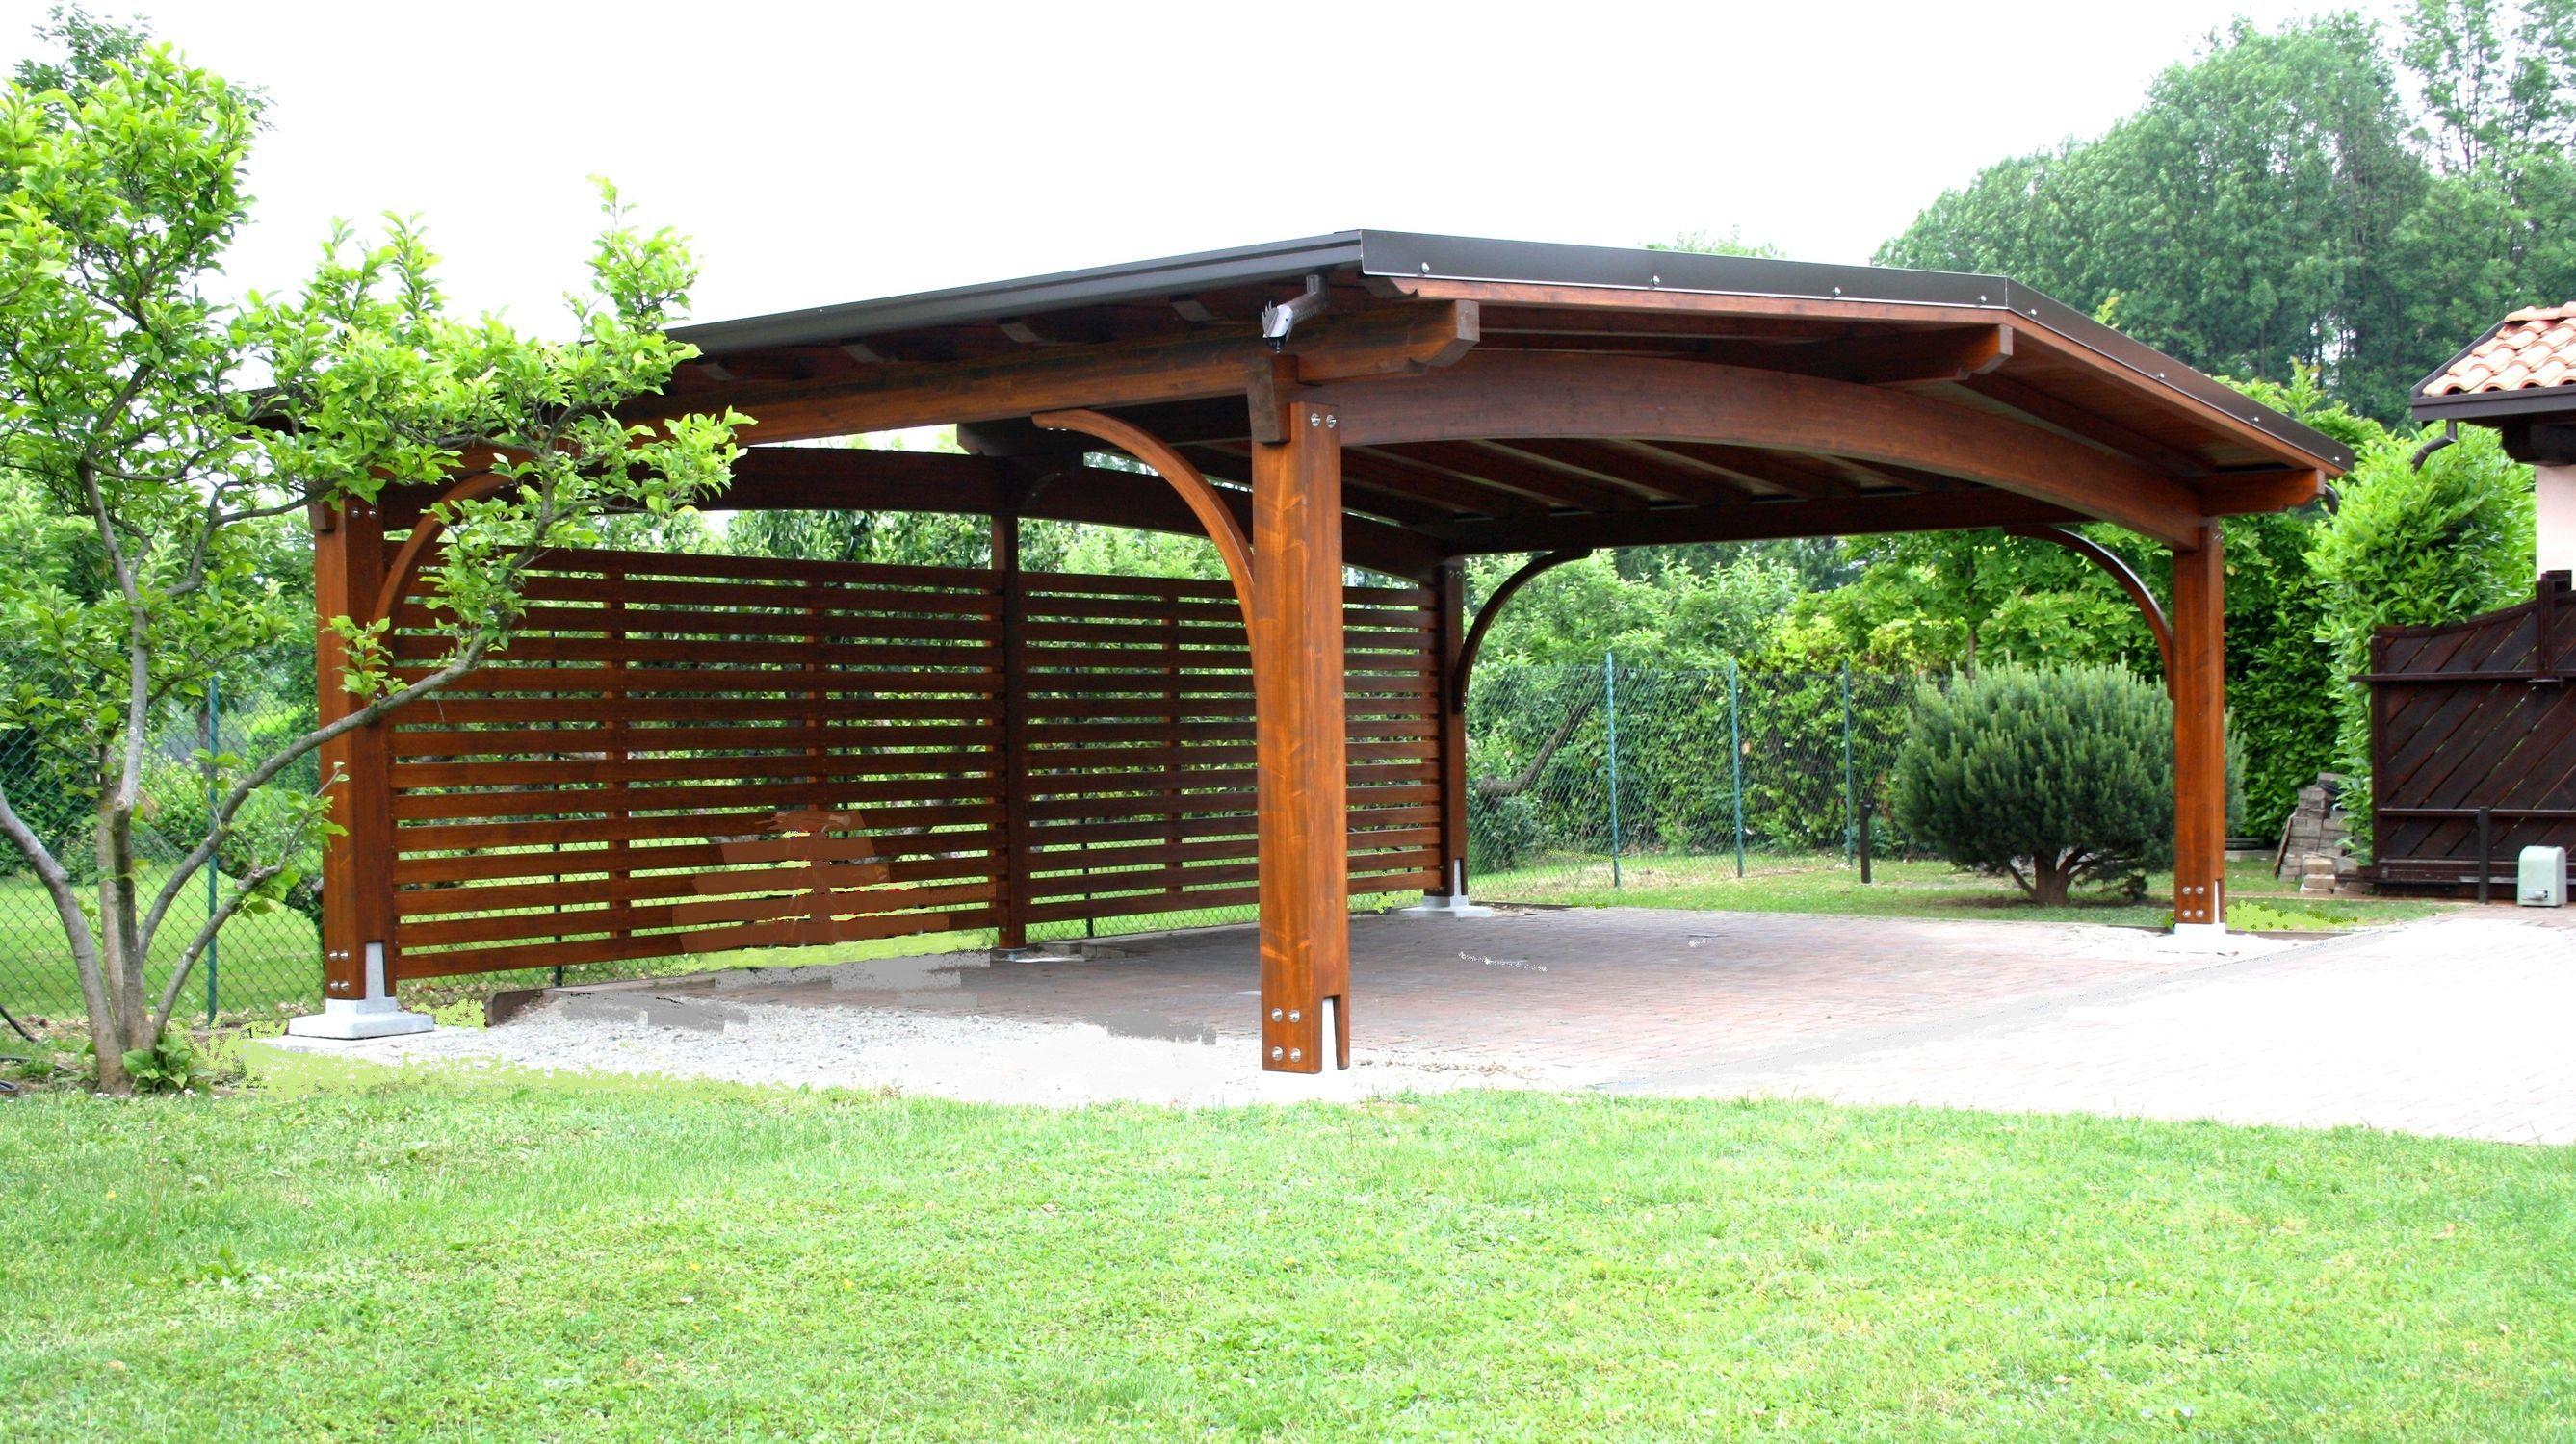 wood carports Wooden carport ARCO Gazebodesign